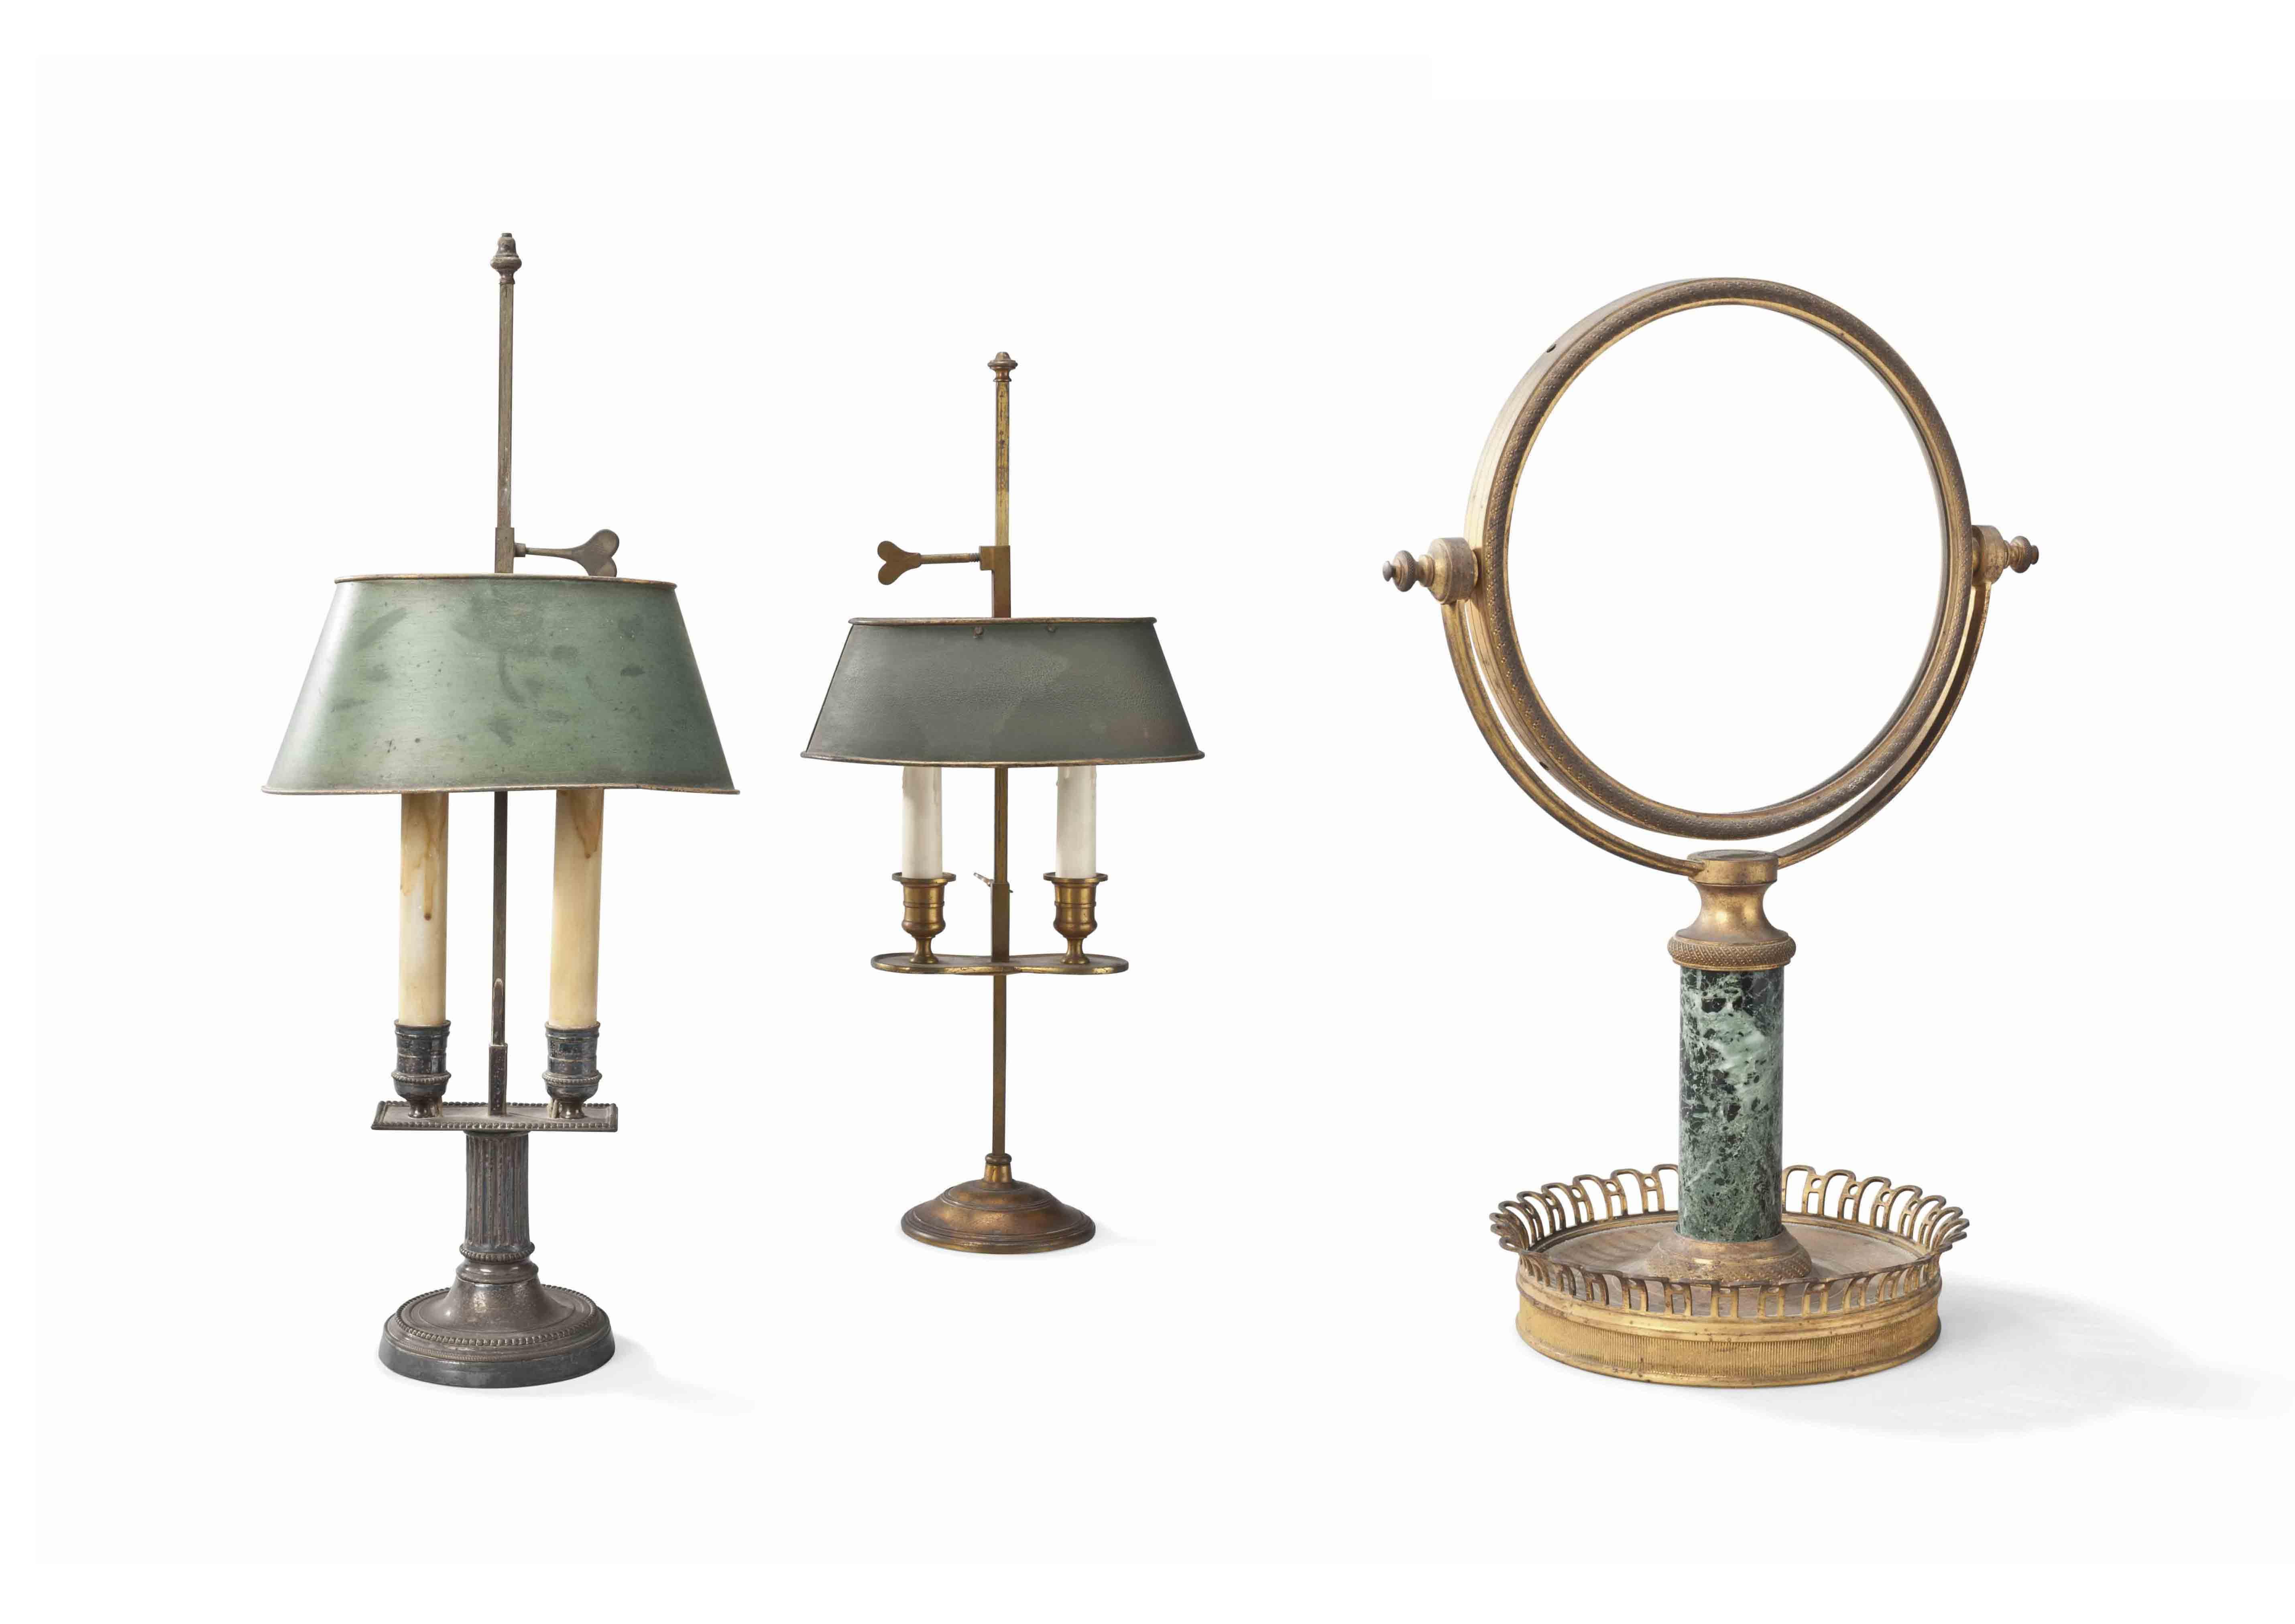 DEUX LAMPES BOUILLOTTE DE STYLE NEOCLASSIQUE